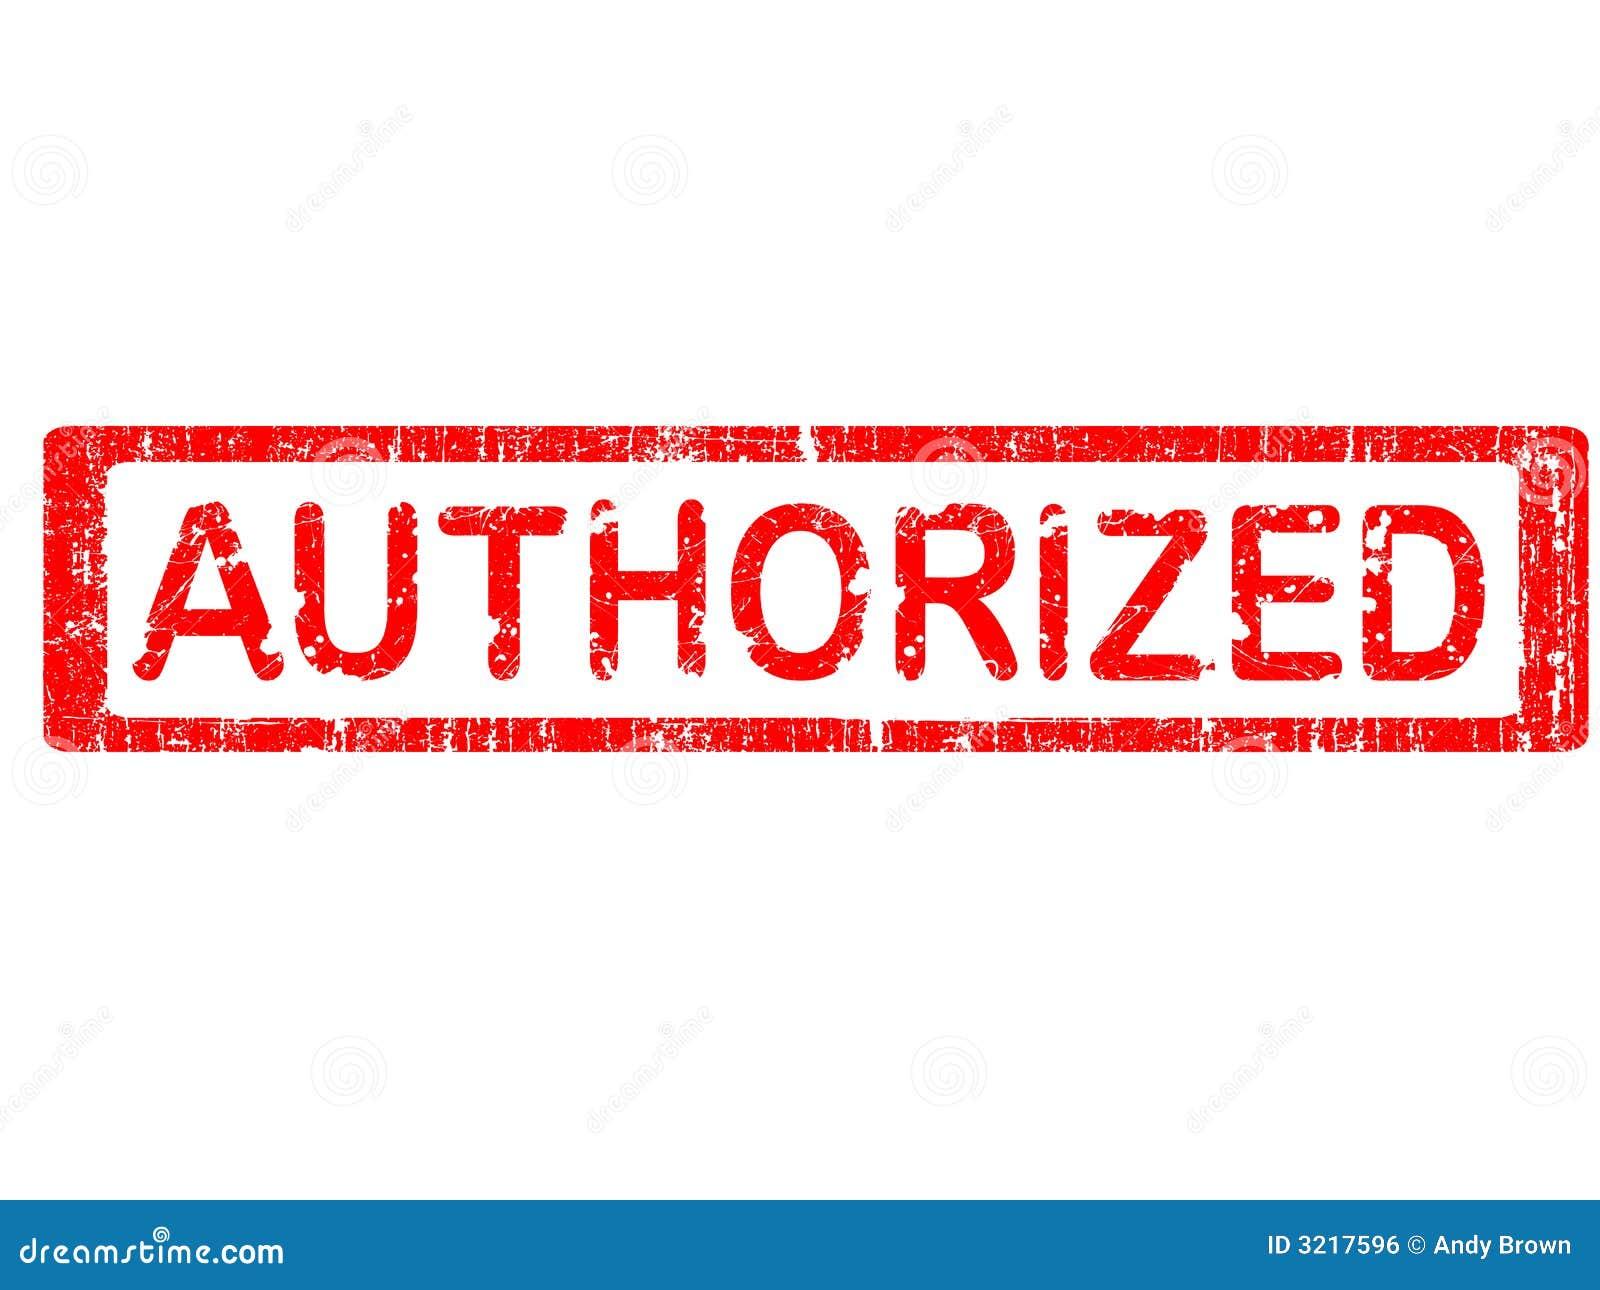 Authorisiert